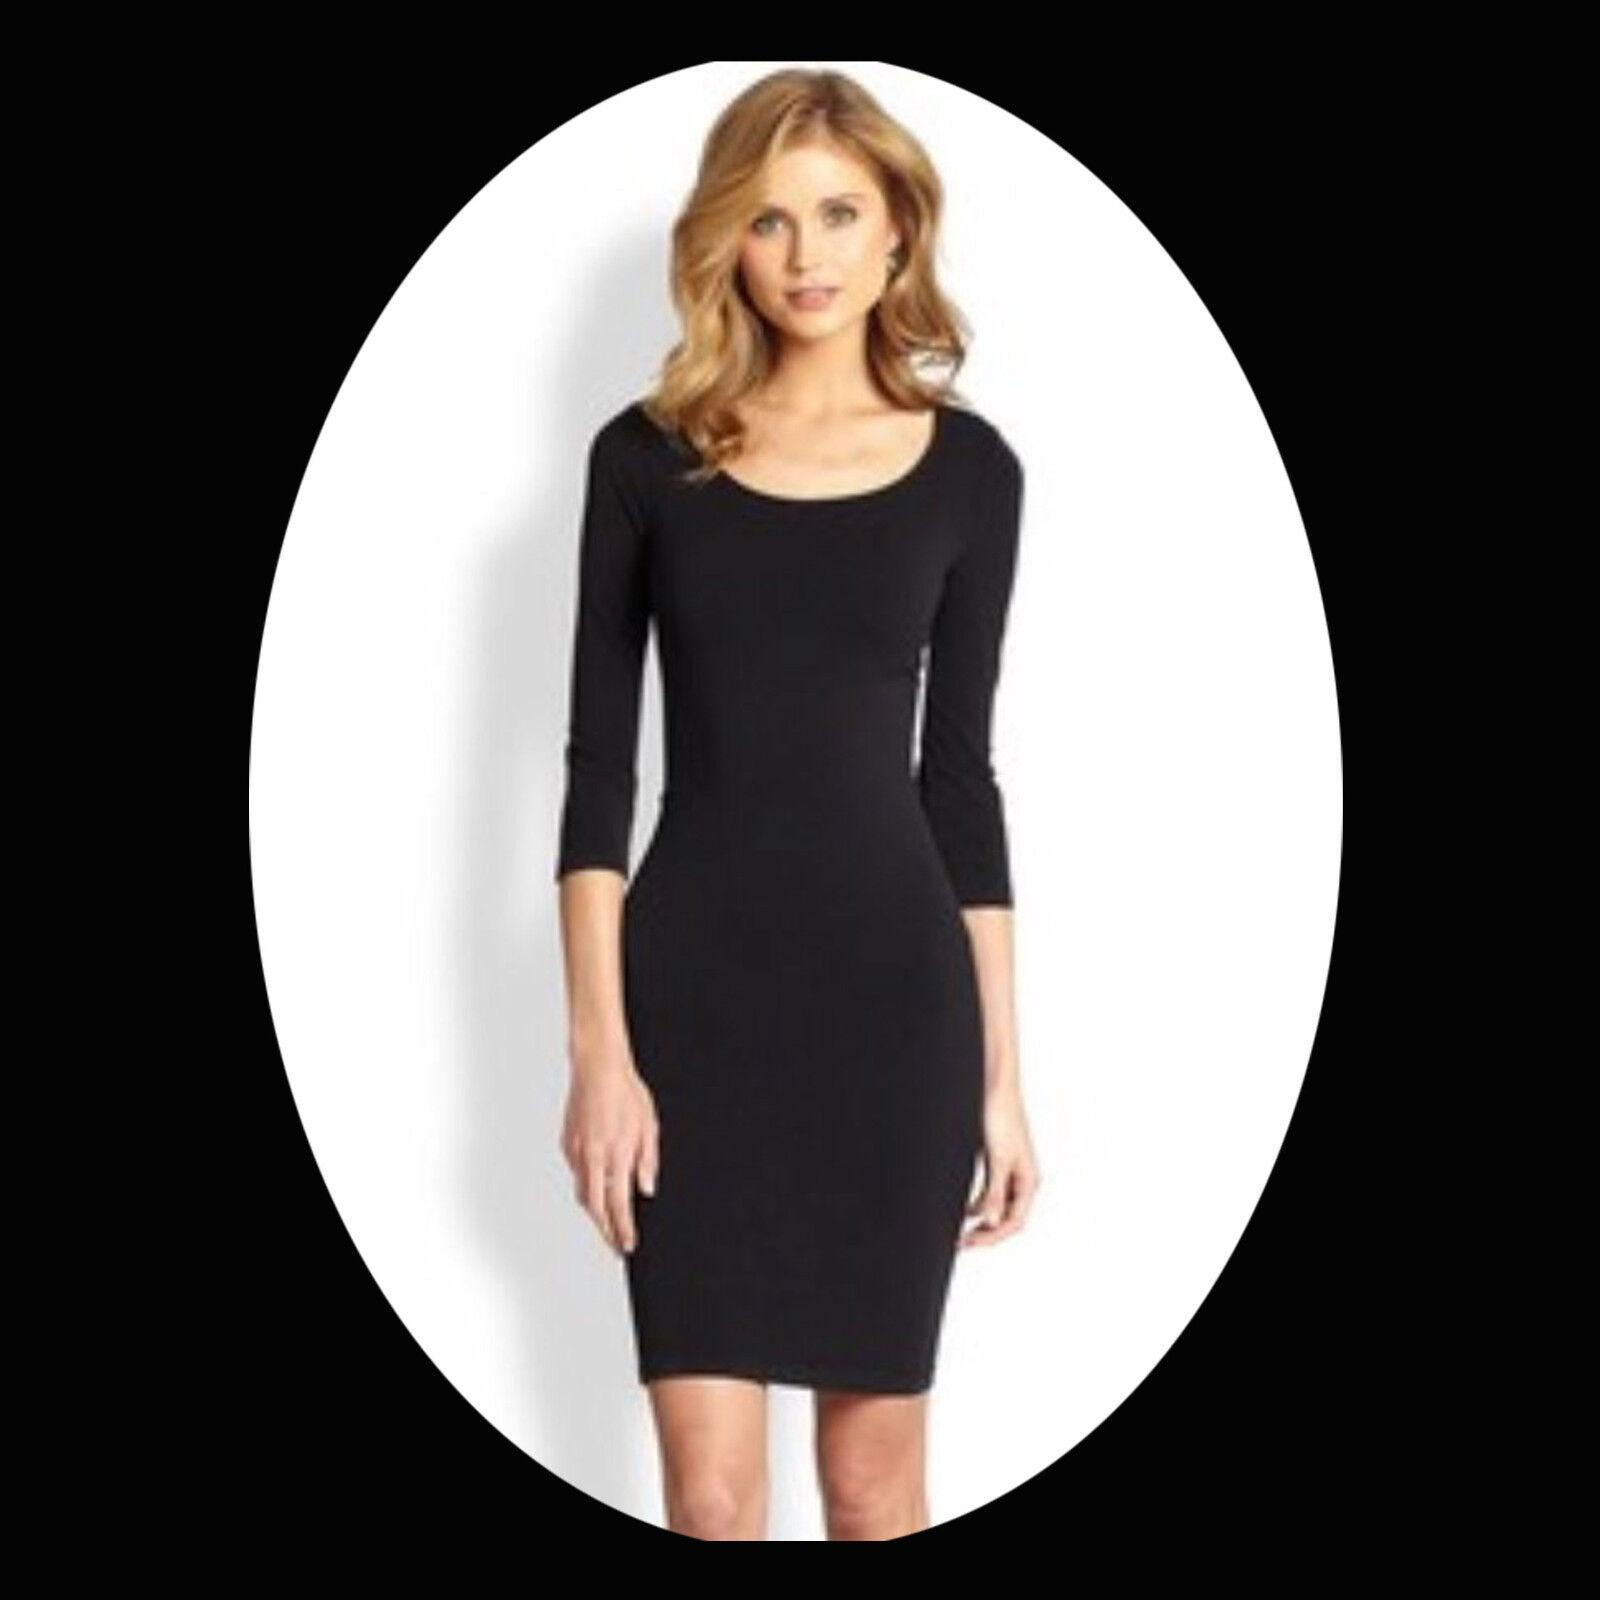 Wolford Barcelona Dress • M • schwarz  ... eine weibliche Inszenierung